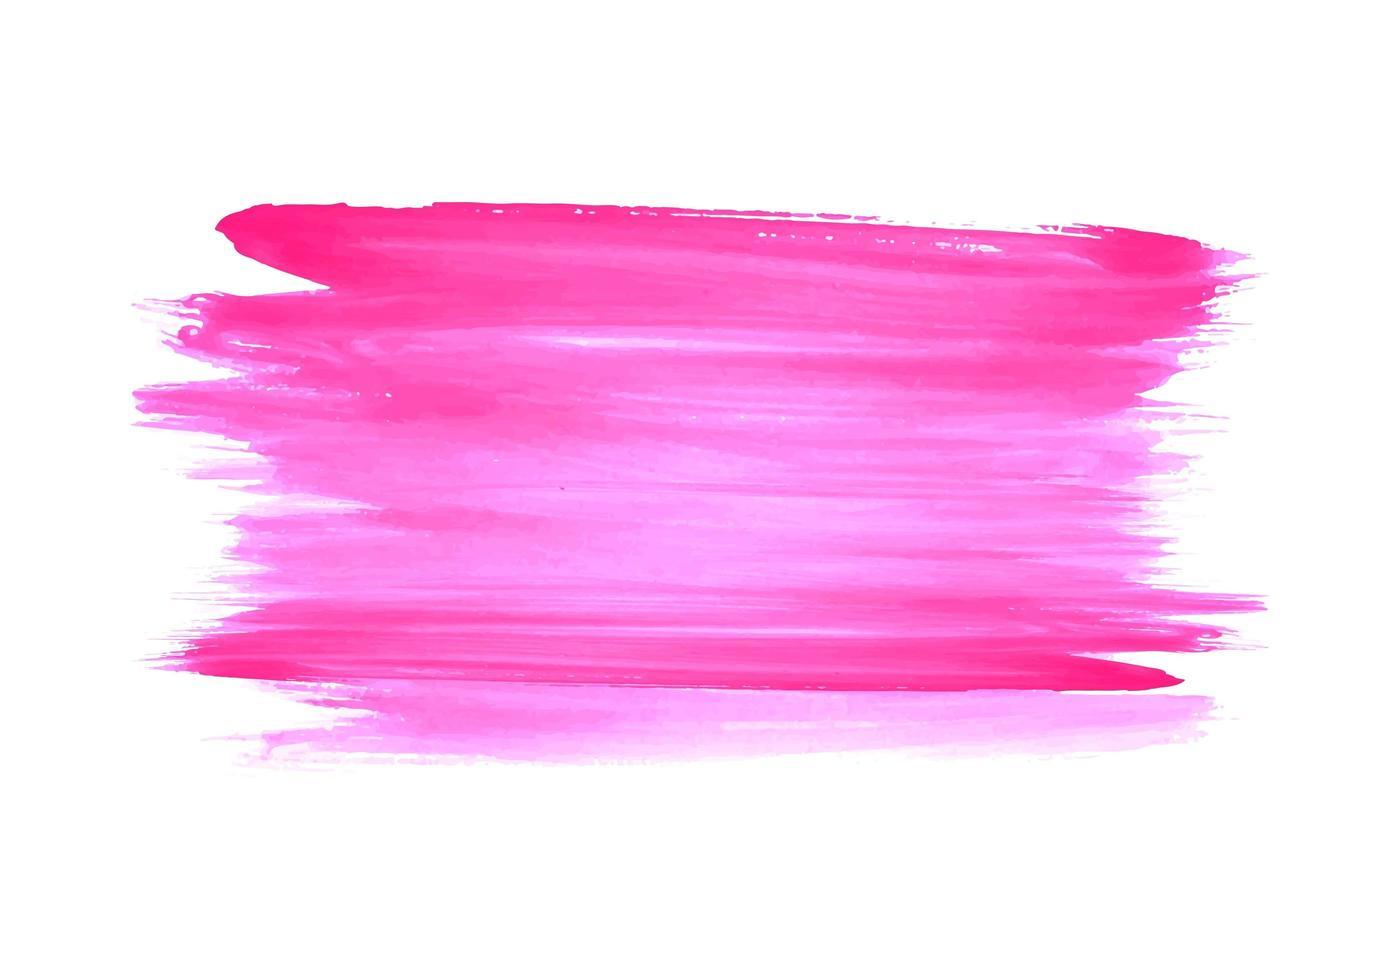 disegno del colpo di tiraggio della mano dell'acquerello rosa moderno vettore